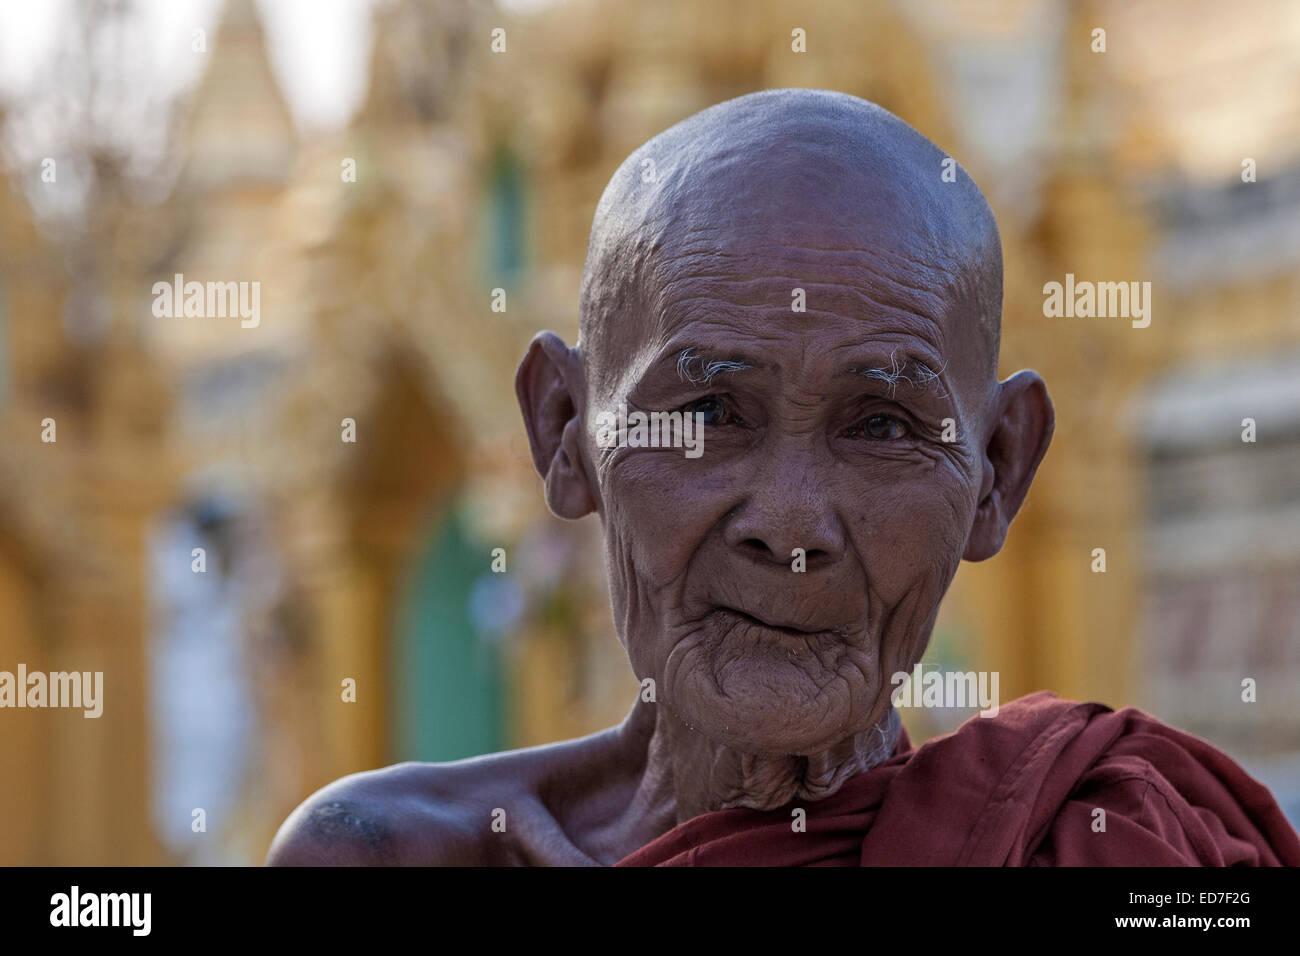 Old monk at the Shwedagon Pagoda, portrait, Shwedagon Pagoda, Great Dagon Pagoda or Golden Pagoda, Yangon, Myanmar - Stock Image